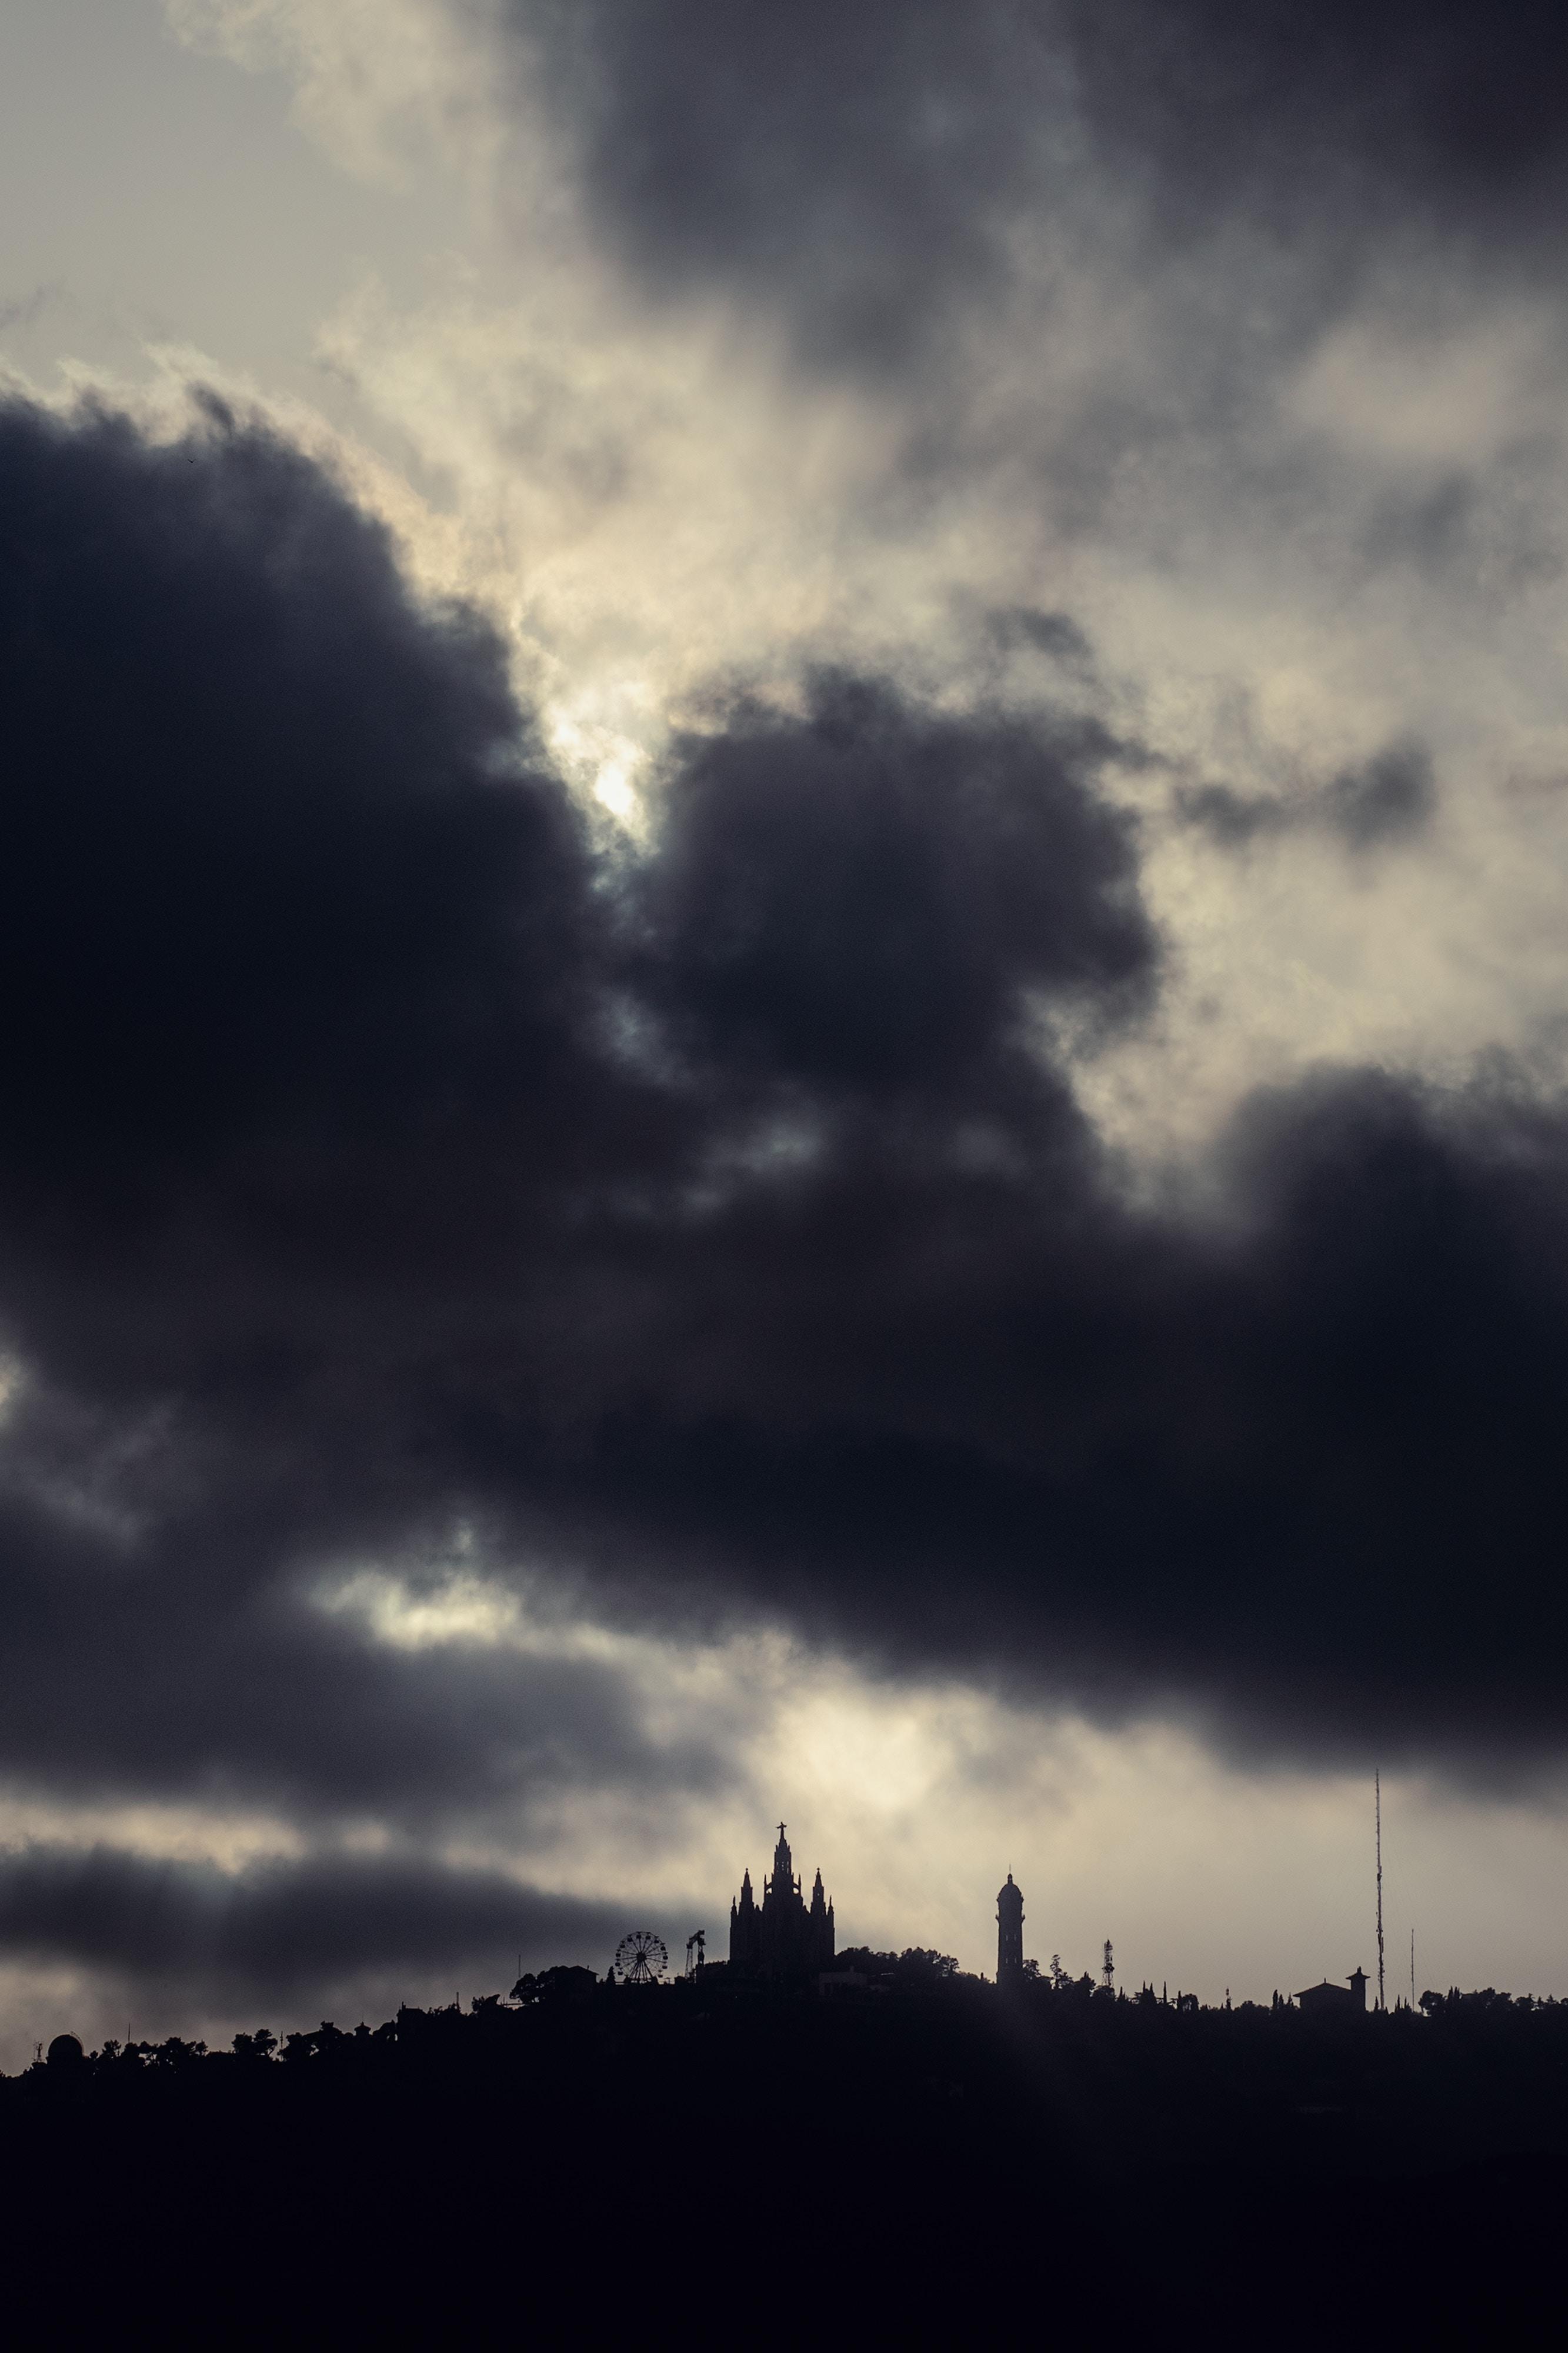 113080 baixar papel de parede Cidades, Noite, Nuvens, Barcelona, Prédio, Edifício, Principalmente Nublado, Nublado, Casa-Museu De Gaudi, Museu Gowdy House - protetores de tela e imagens gratuitamente